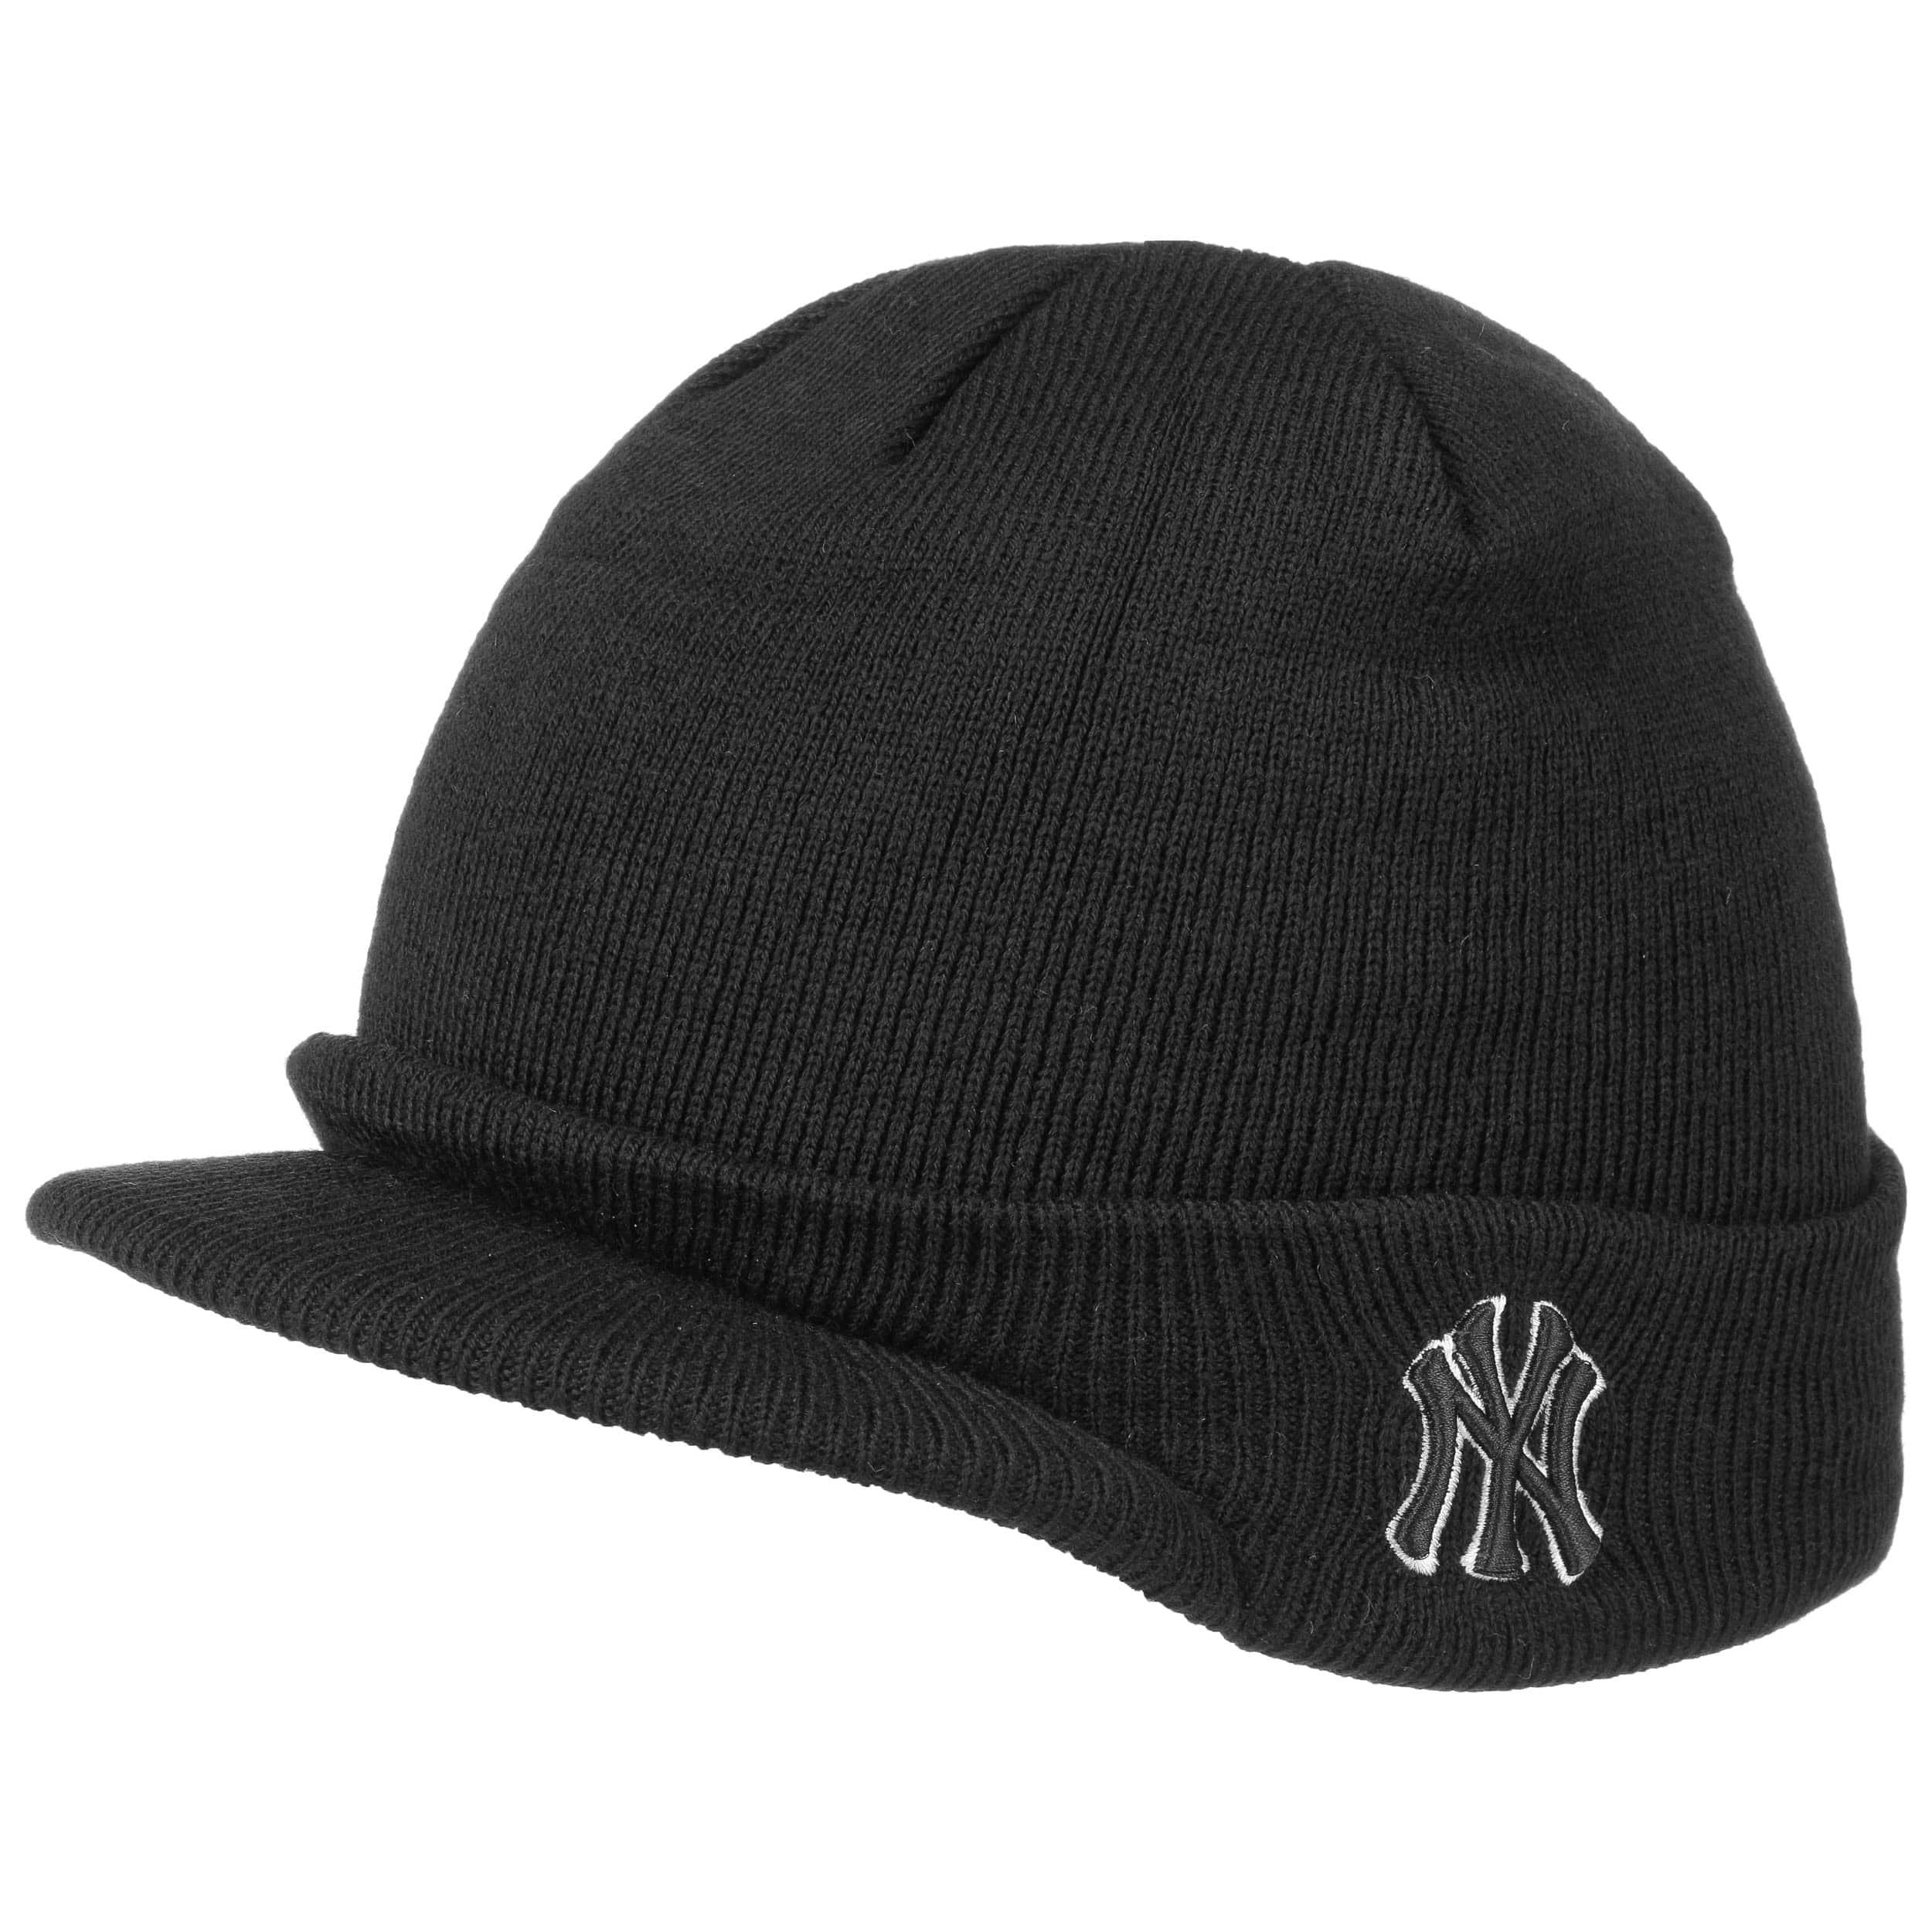 ... New York Yankees Est. 1903 Visor Beanie - black 4 dca5795ab1b